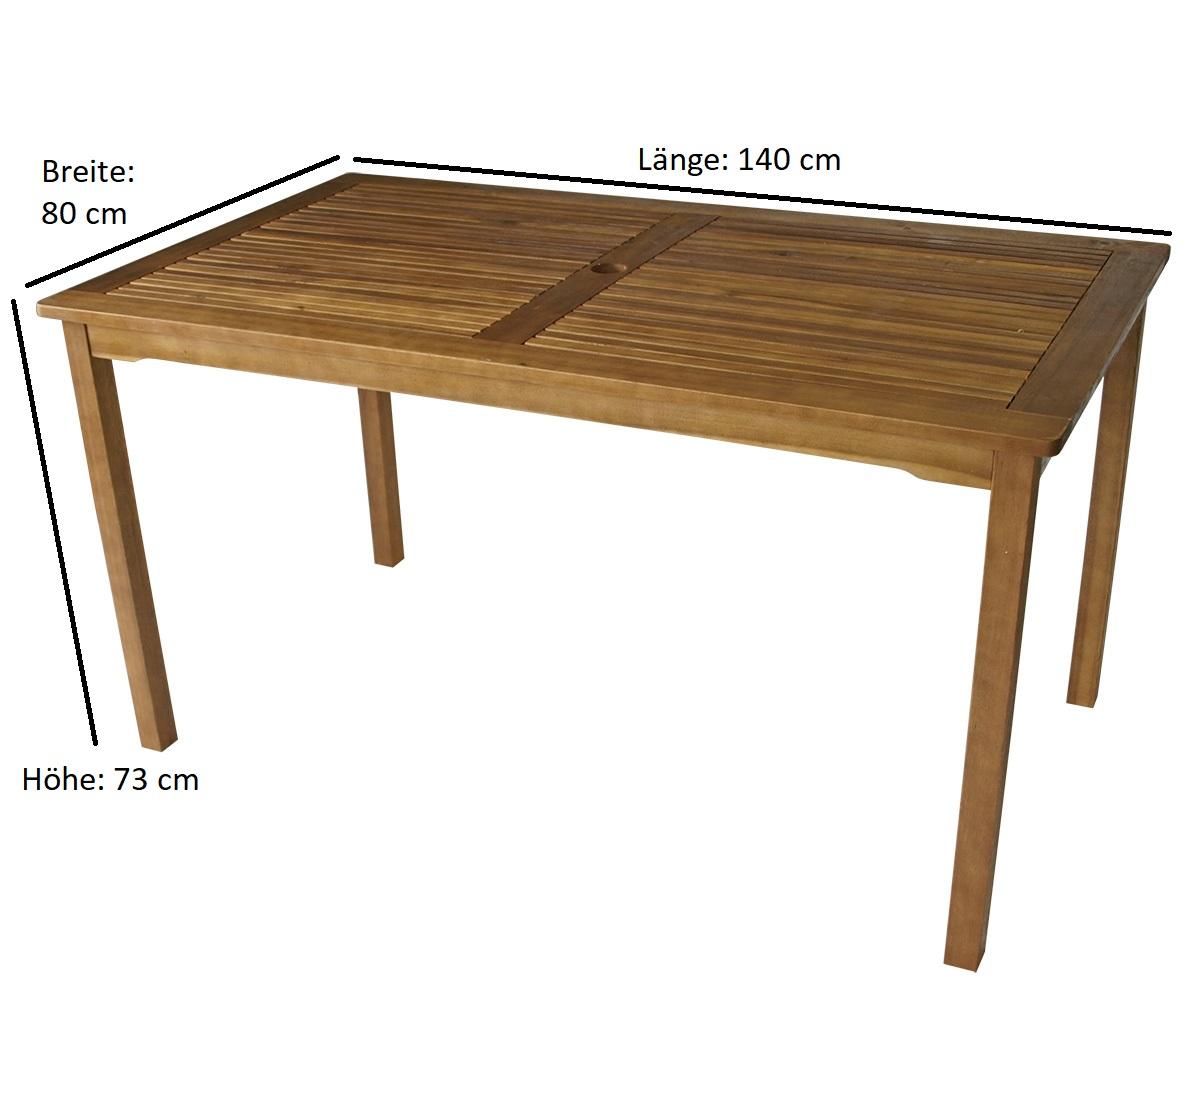 Tisch ST. VINCENT 140x80cm, Akazie geölt, FSC®-zertifiziert